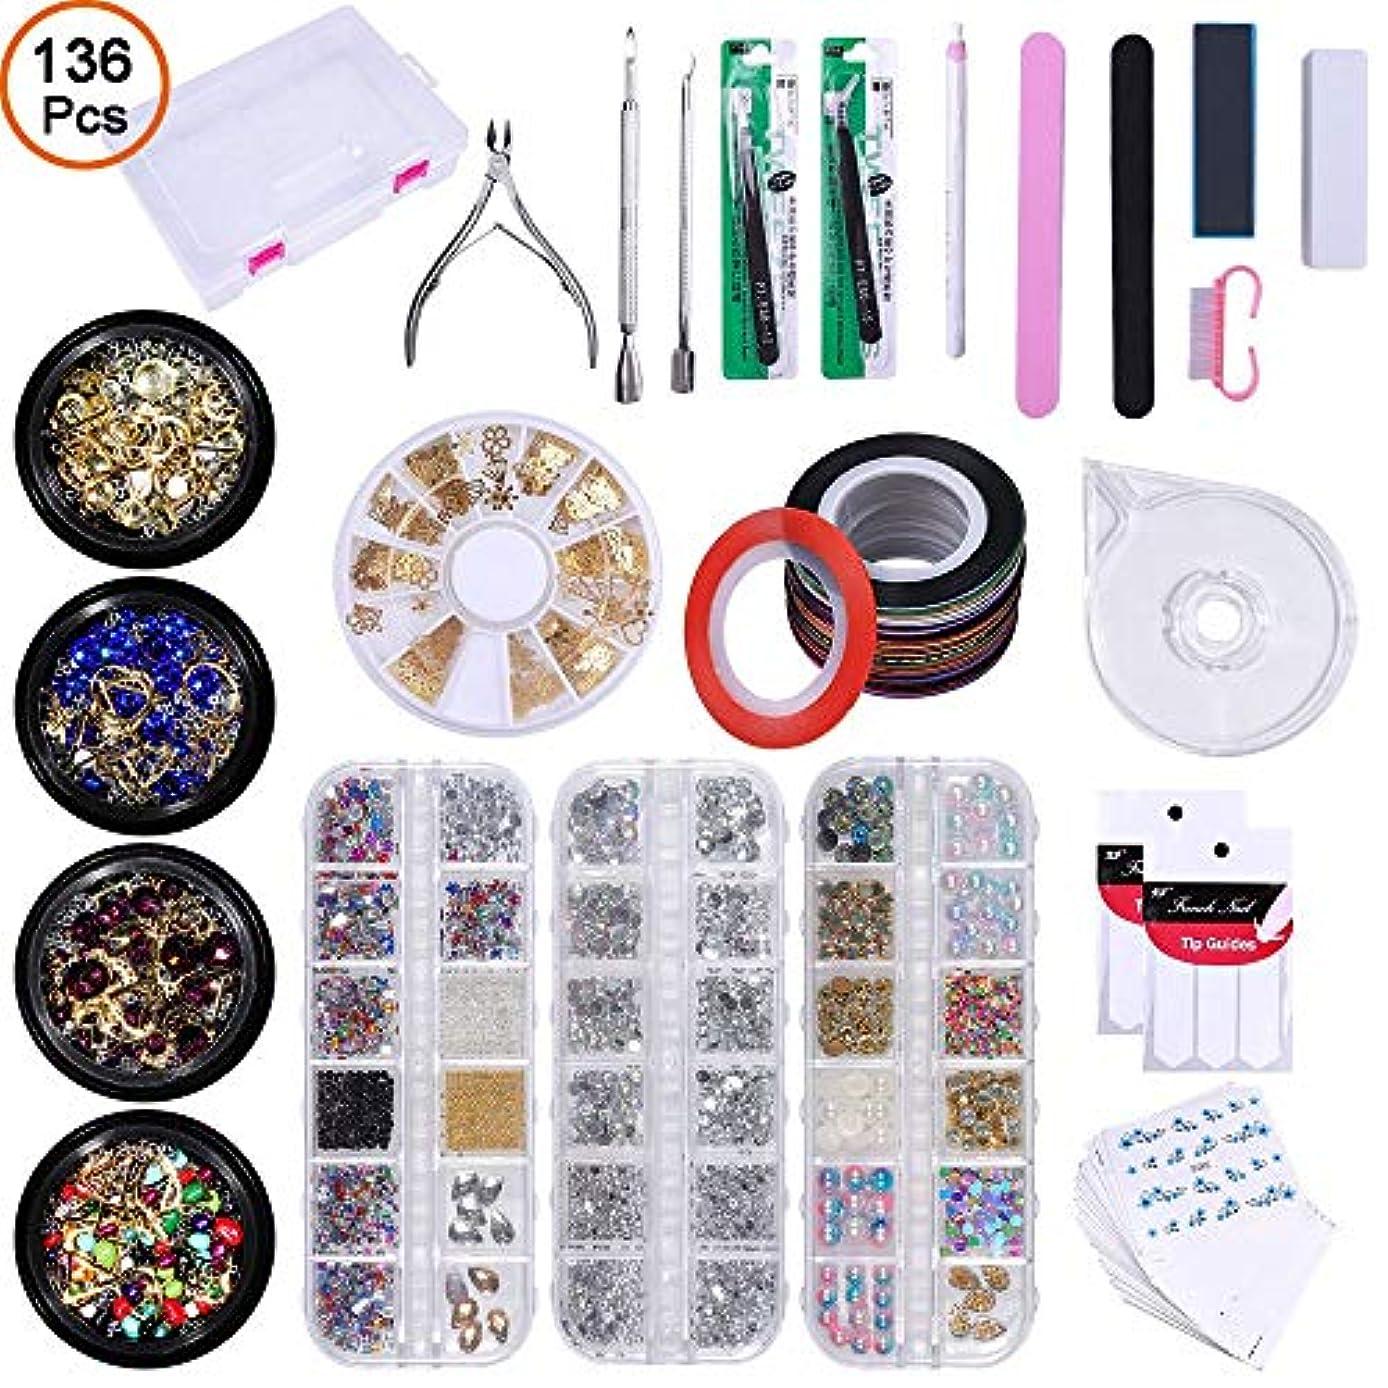 視線中に心理的标题ネイル飾り物、ネイルアートツール セット:花柄ネイルアートシール、ネイル飾り物(真珠、リベット、金属、アクリル) 8箱、ネイルファイル、ネイルアートブラシ (Nail Art Set)